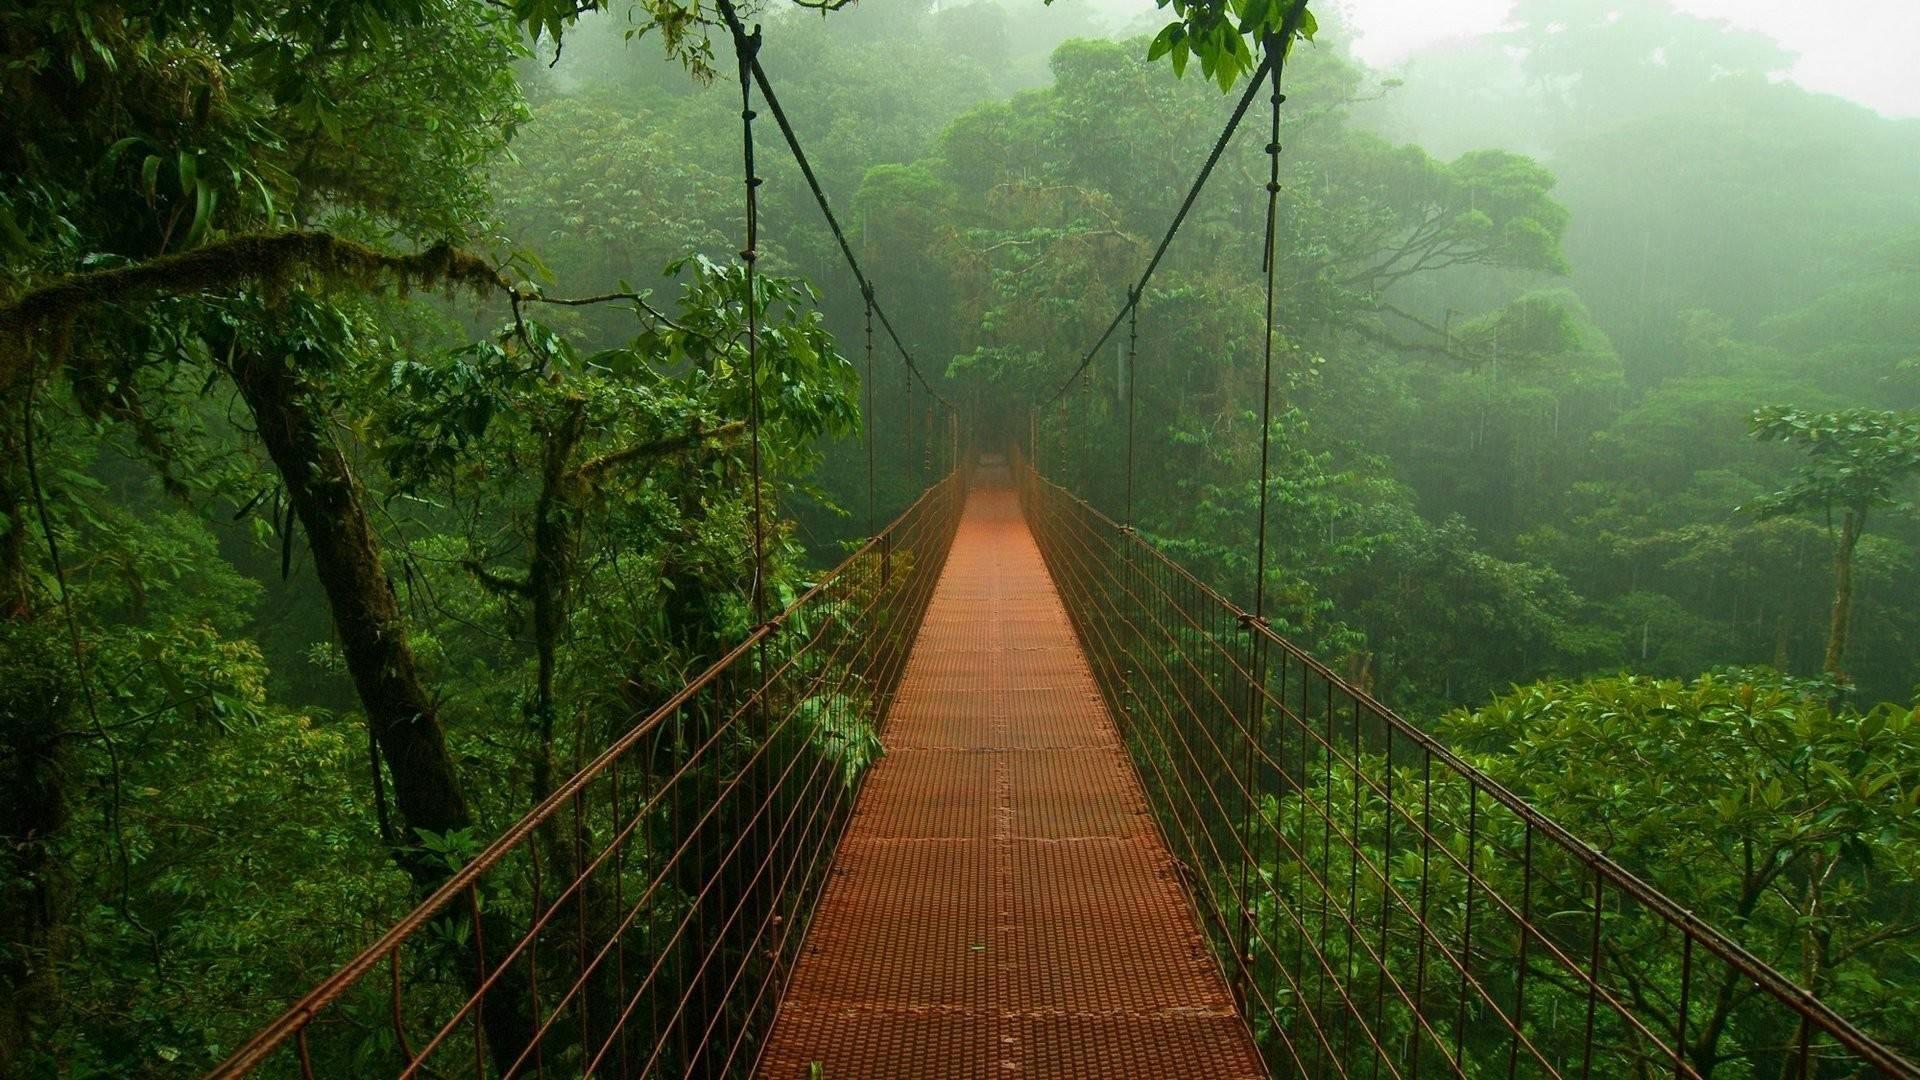 Suspension-bridge-over-a-rain-forest-1920×1080-wallpaper-